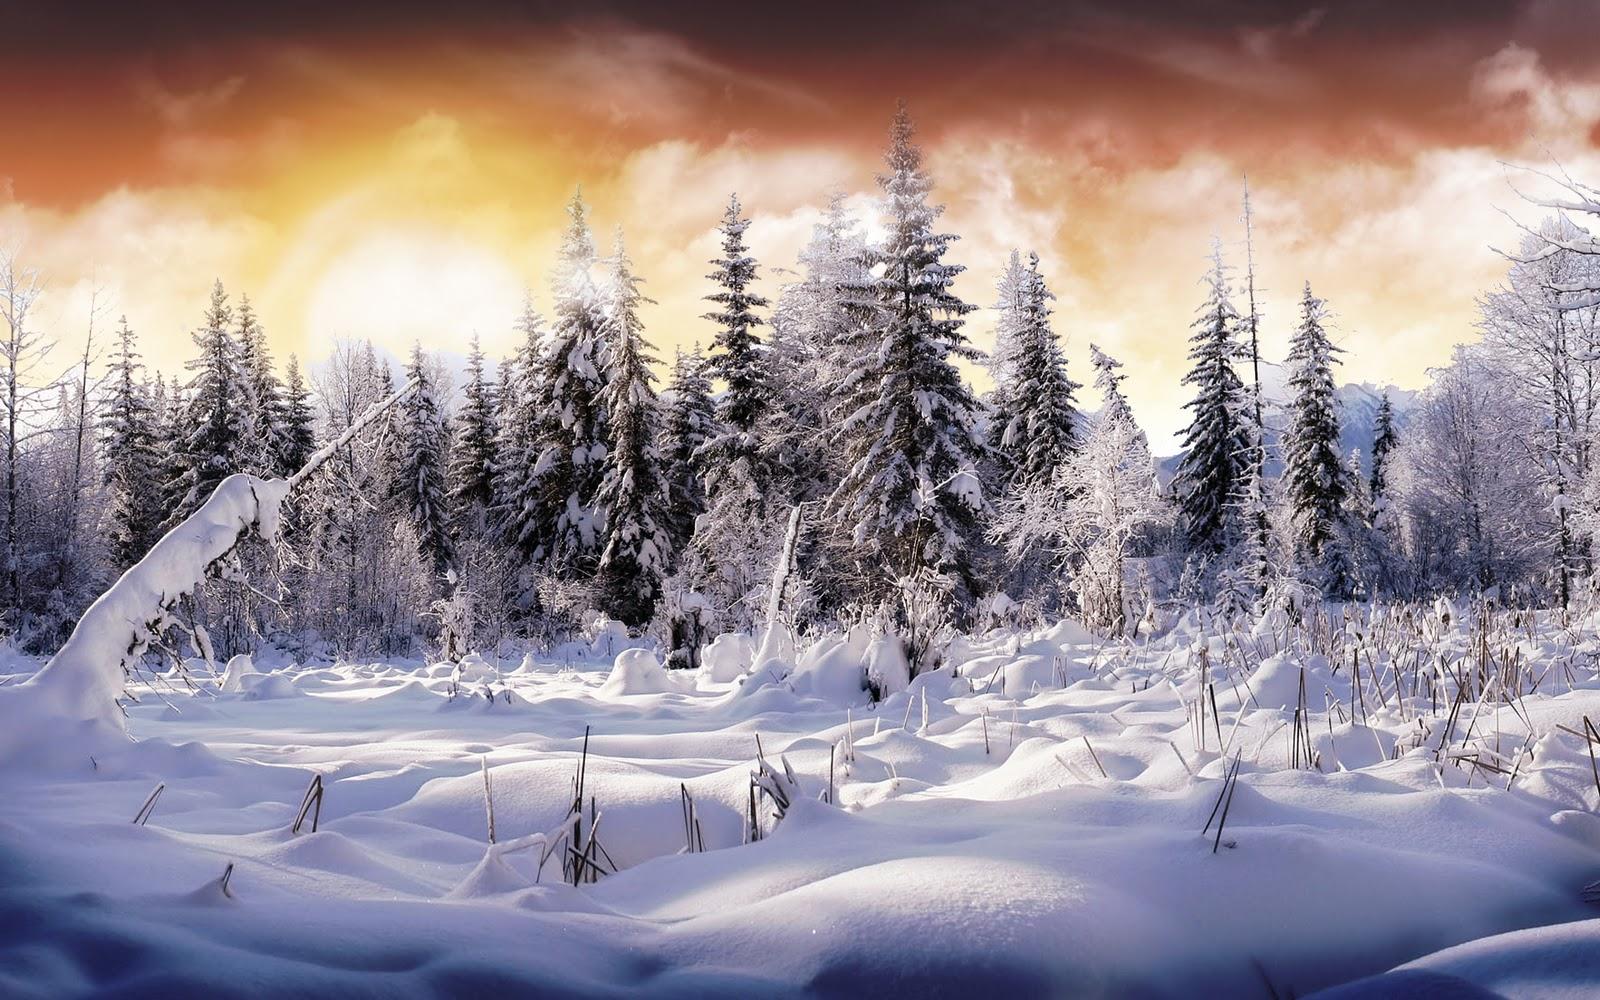 Зима, снег, обои для рабочего стола